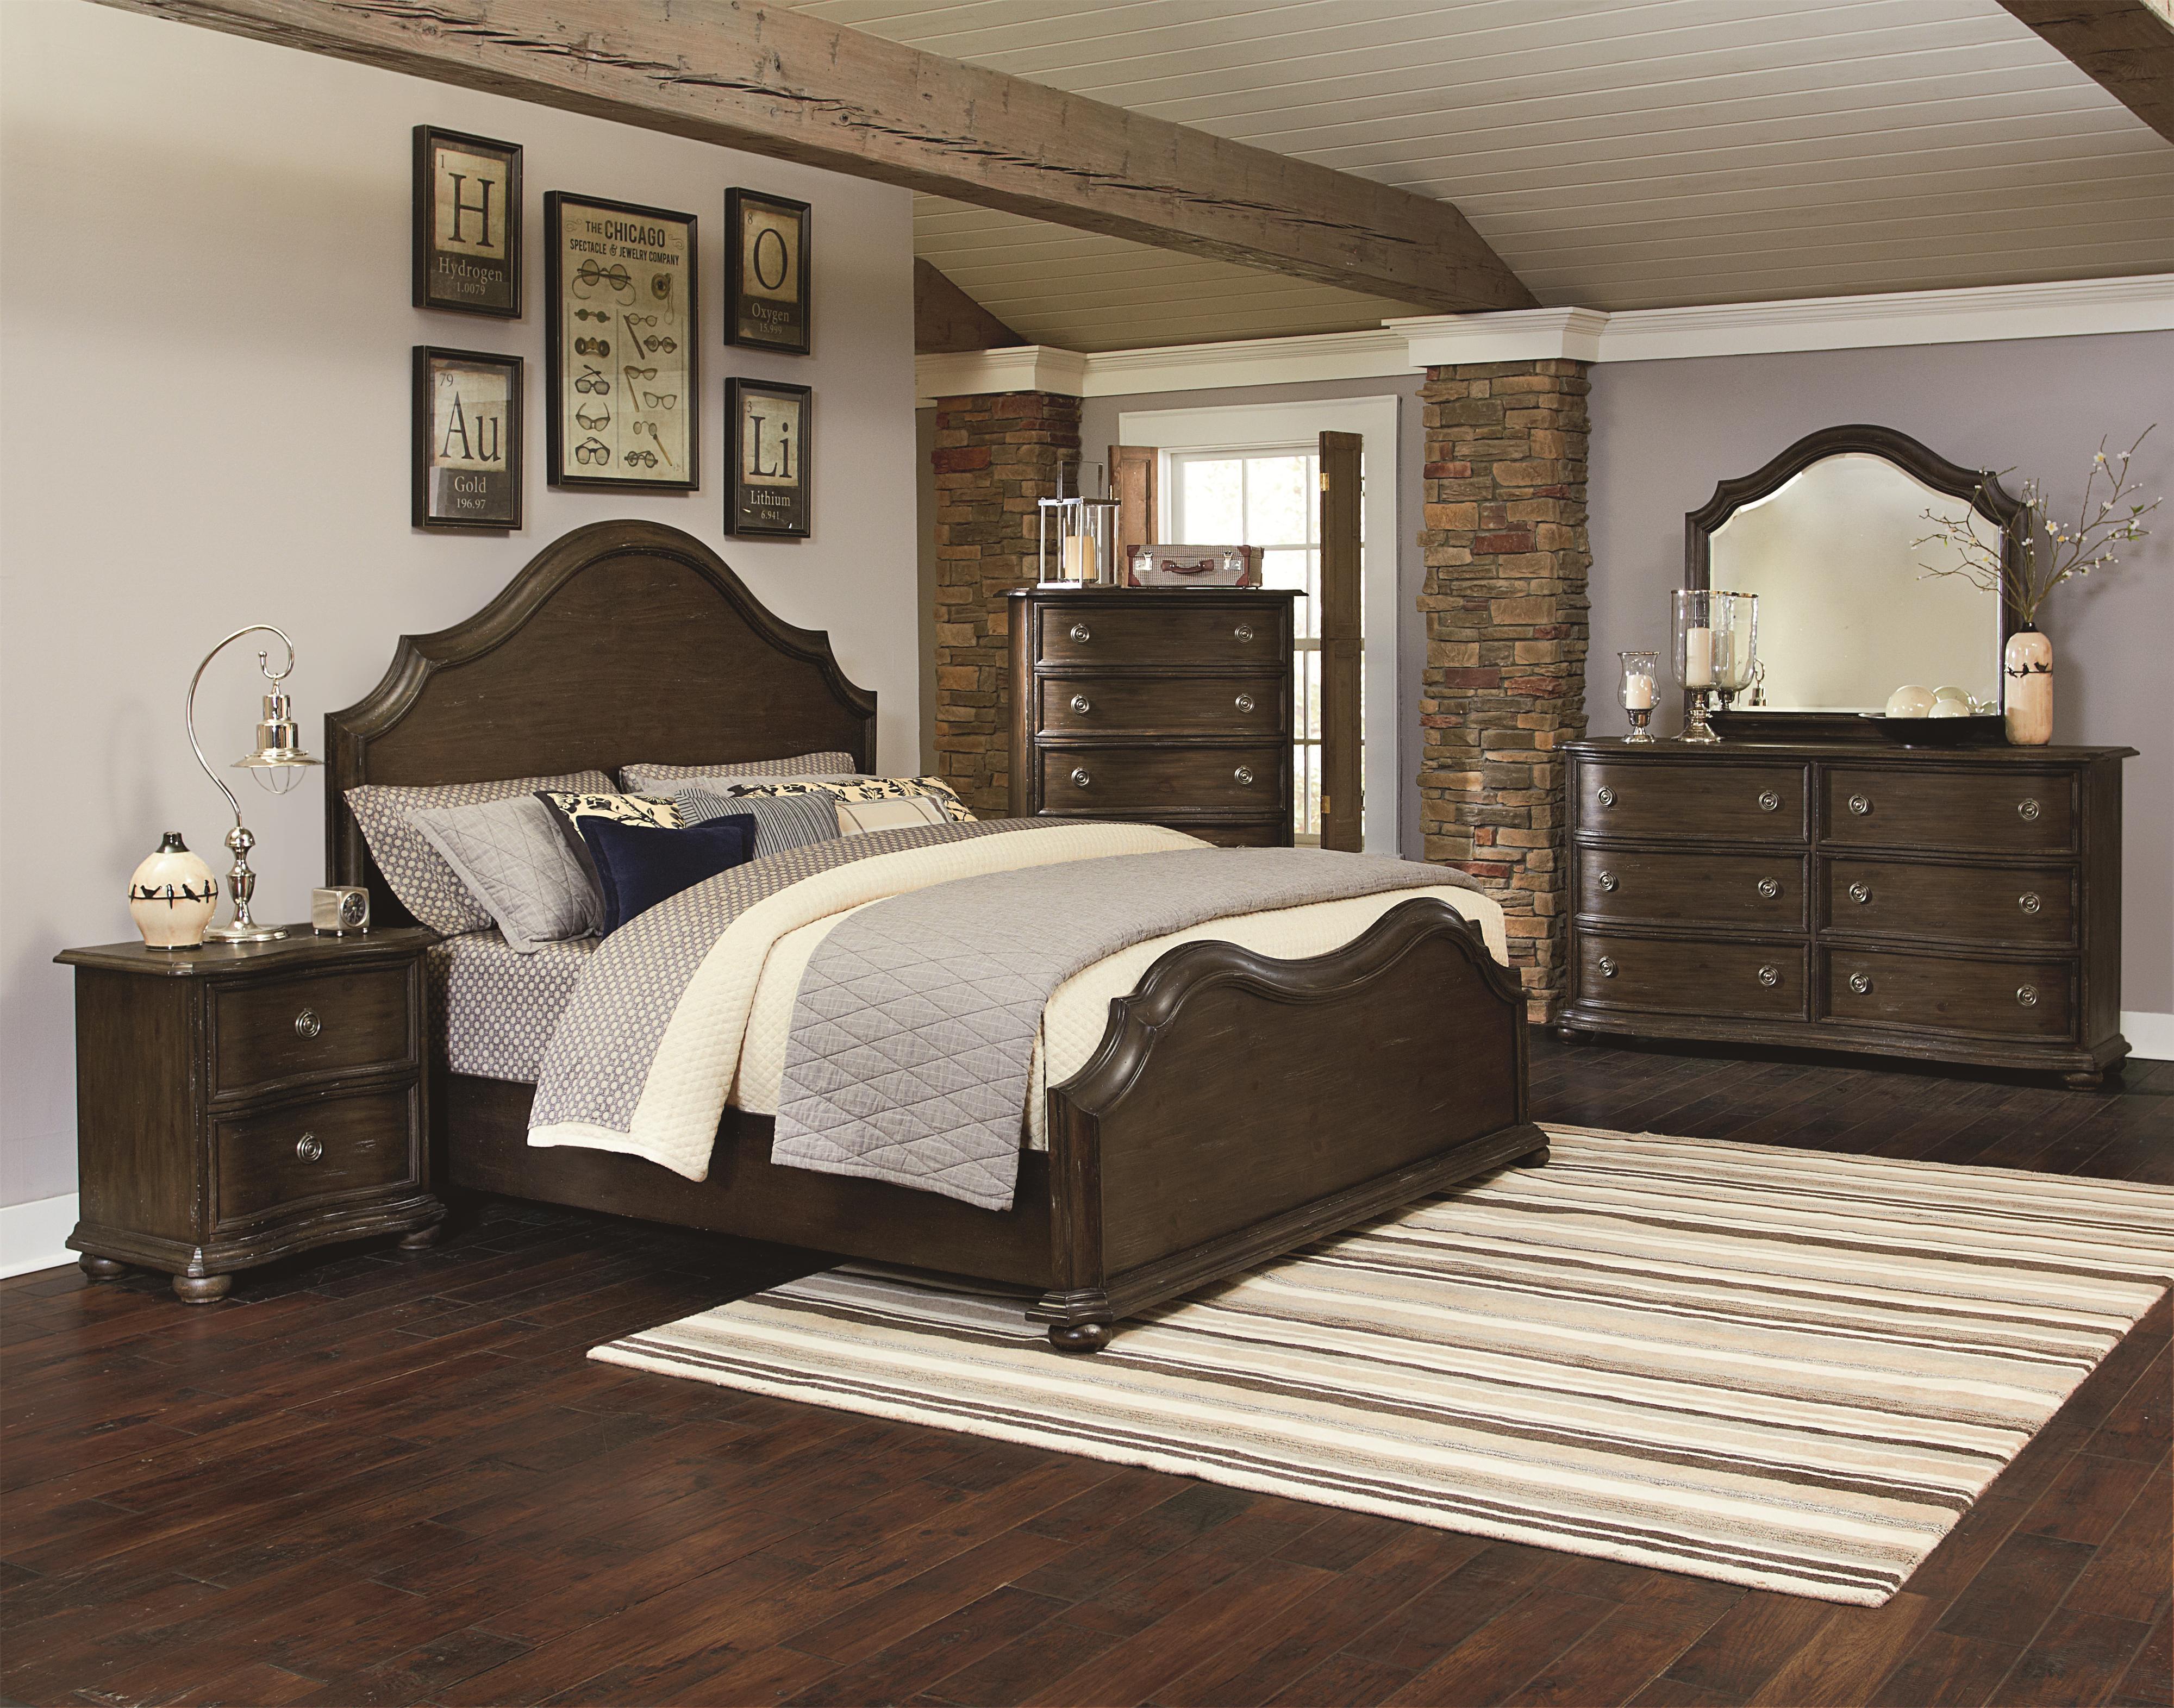 Magnussen Home Muirfield Bedroom California King Bedroom Group - Item Number: B2258 C K Bedroom Group 1